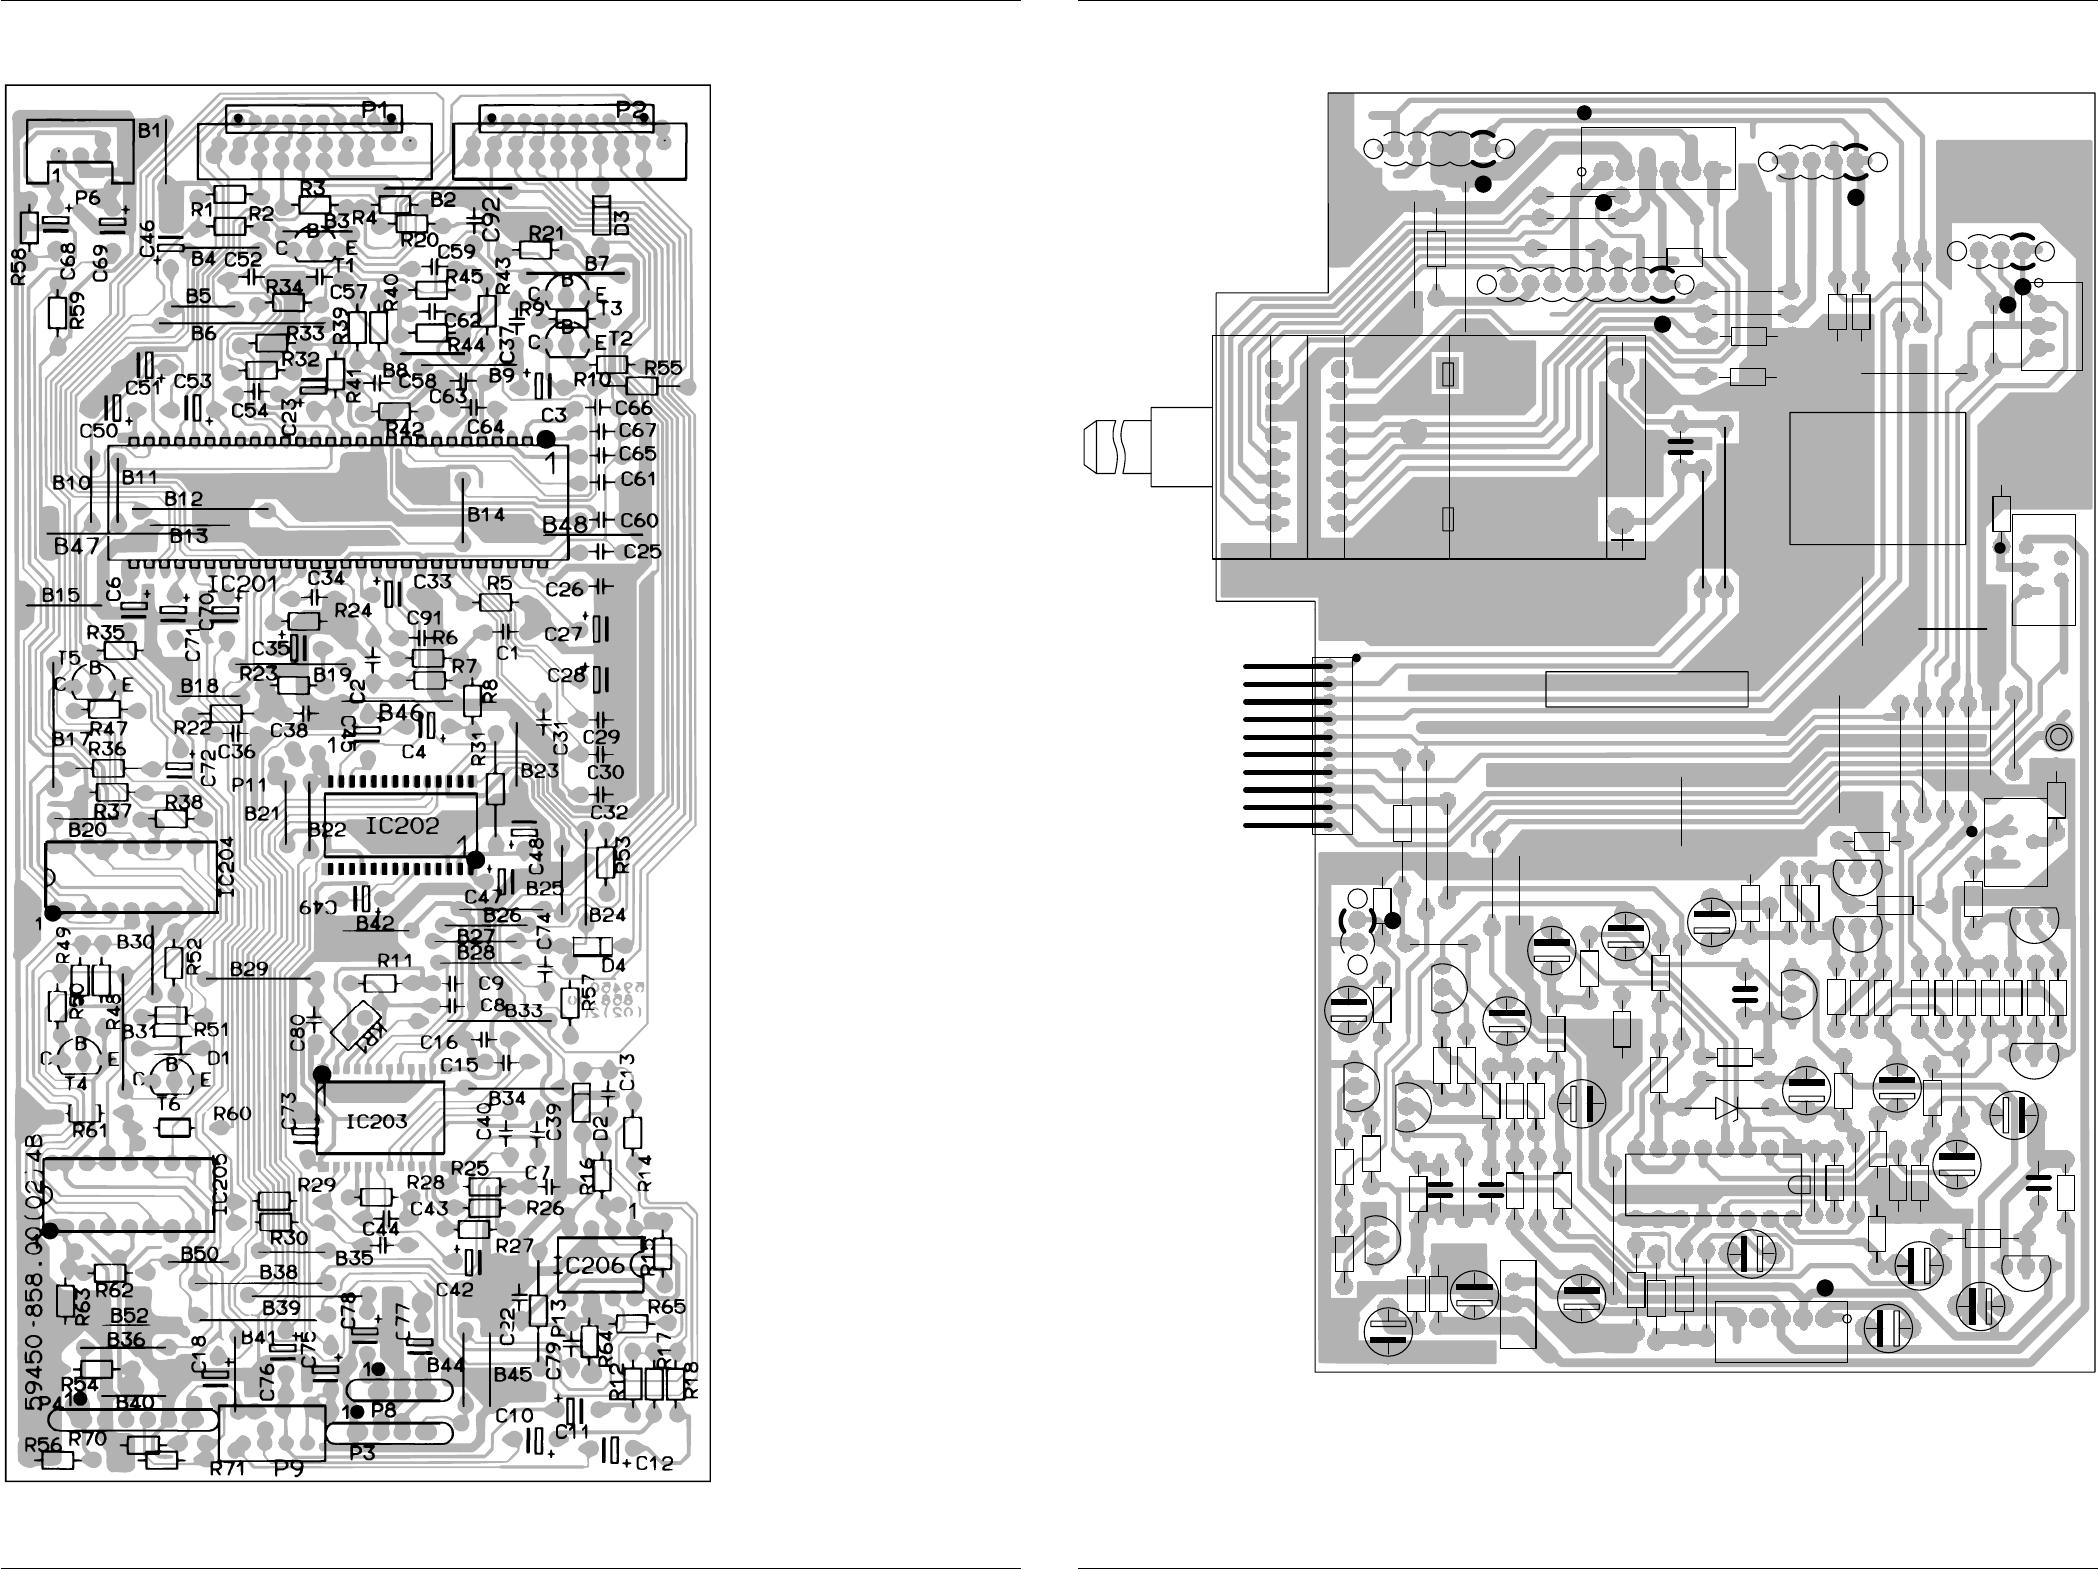 1 16 Titelseiteausbau V14 C61 Wiring Diagram V 14 Dpl Rf Schaltplne Und Druckplattenabbildungen Circuit Diagrams And Layout Of Pcbs